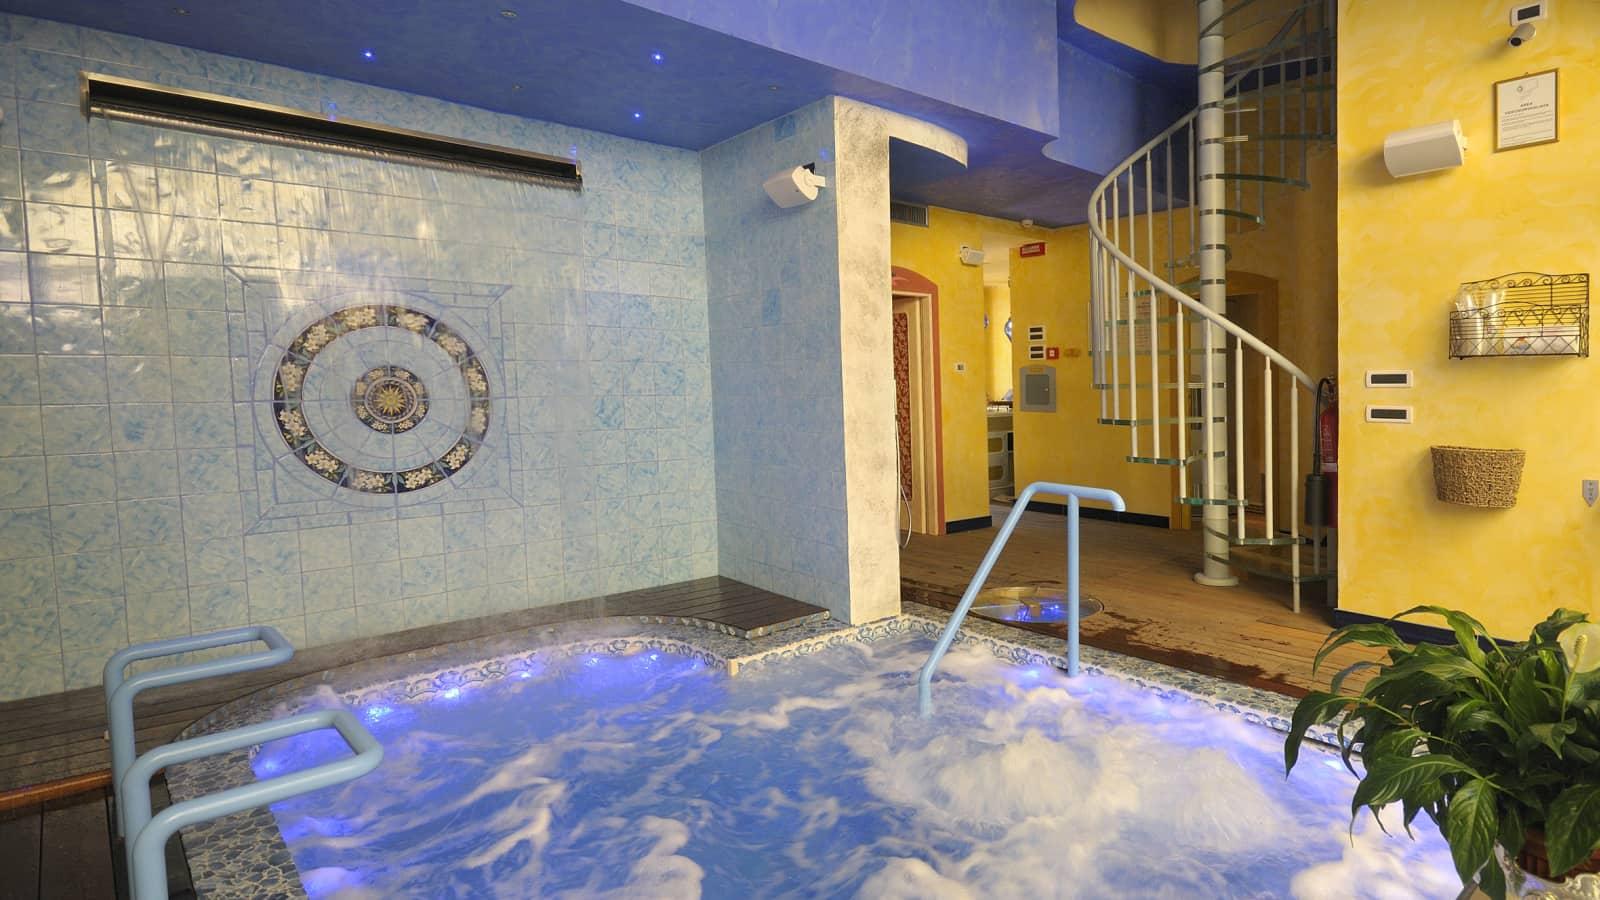 Bellavista Hotel, Riva, Lake Garda Holidays - Topflight.ie